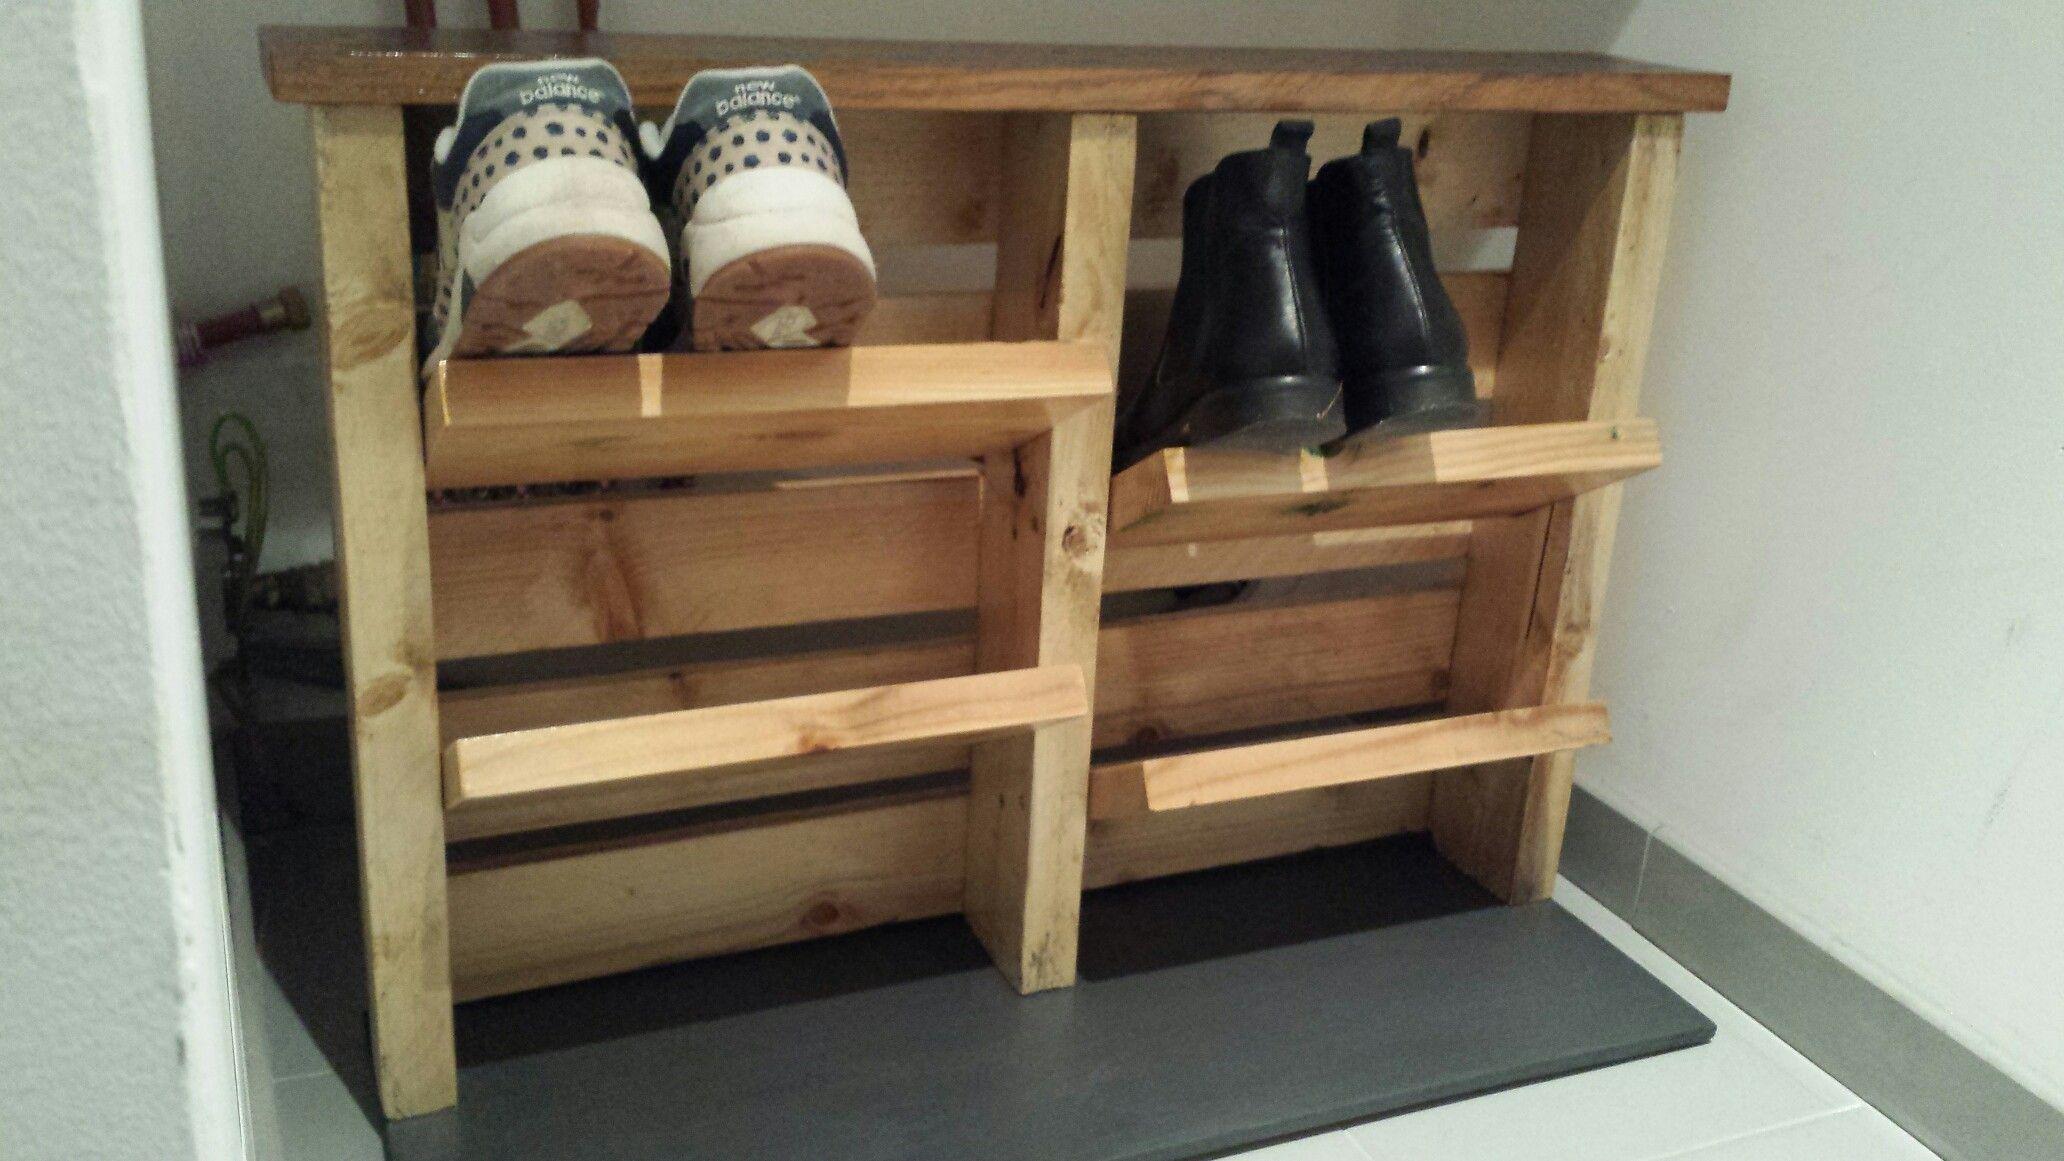 Idee Meuble A Chaussures Avec Structure En Bois De Palette Etageres De Plancher Et Fond En Contreplaqu Palette Bois Meuble Chaussure Meuble Chaussures Palette